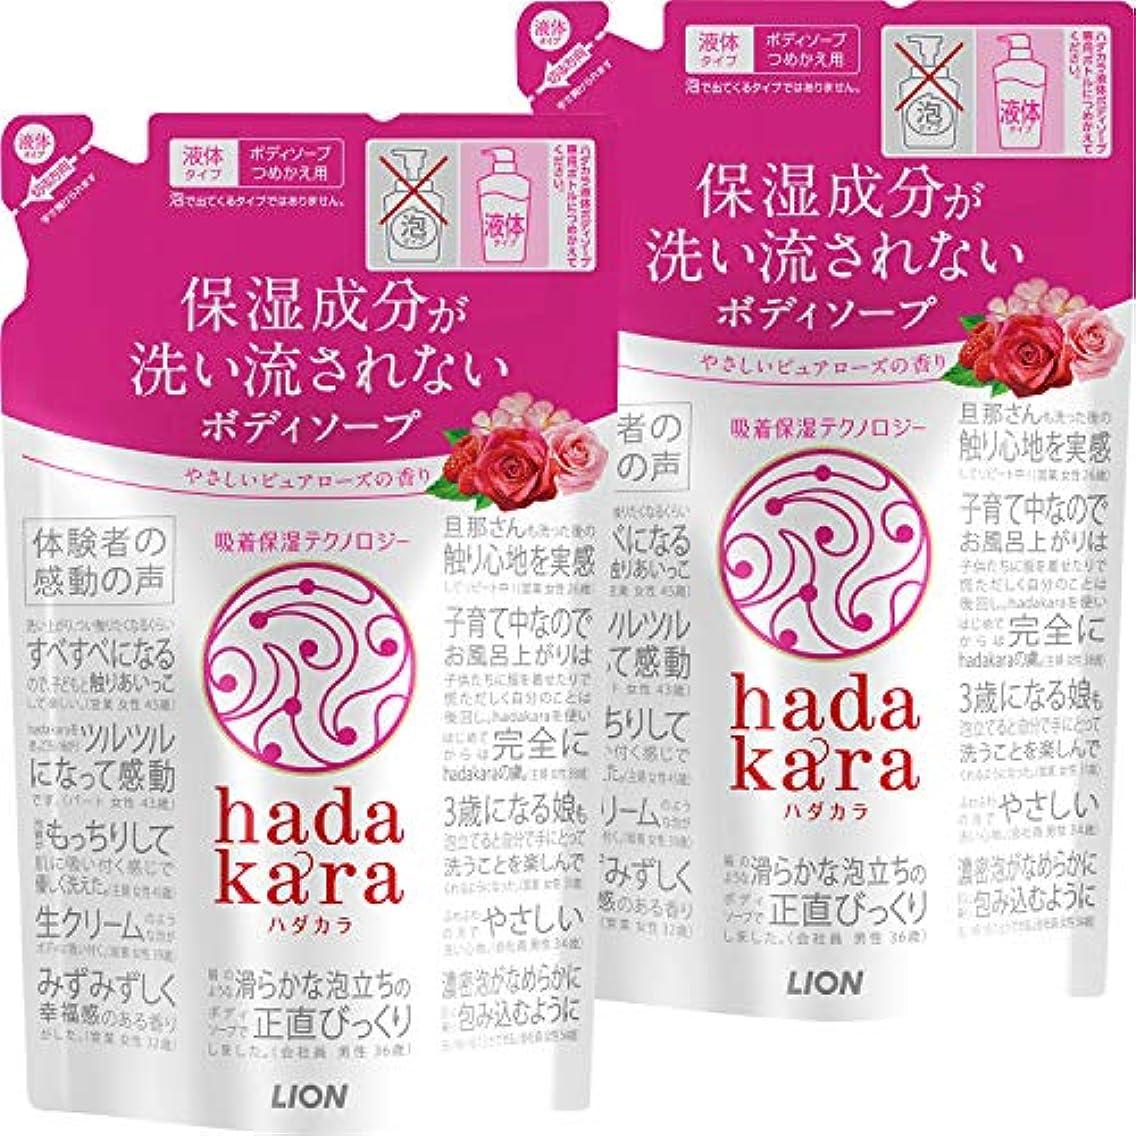 フィルタ恥ずかしさ不愉快に【まとめ買い】hadakara(ハダカラ) ボディソープ ピュアローズの香り 詰め替え 360ml×2個パック